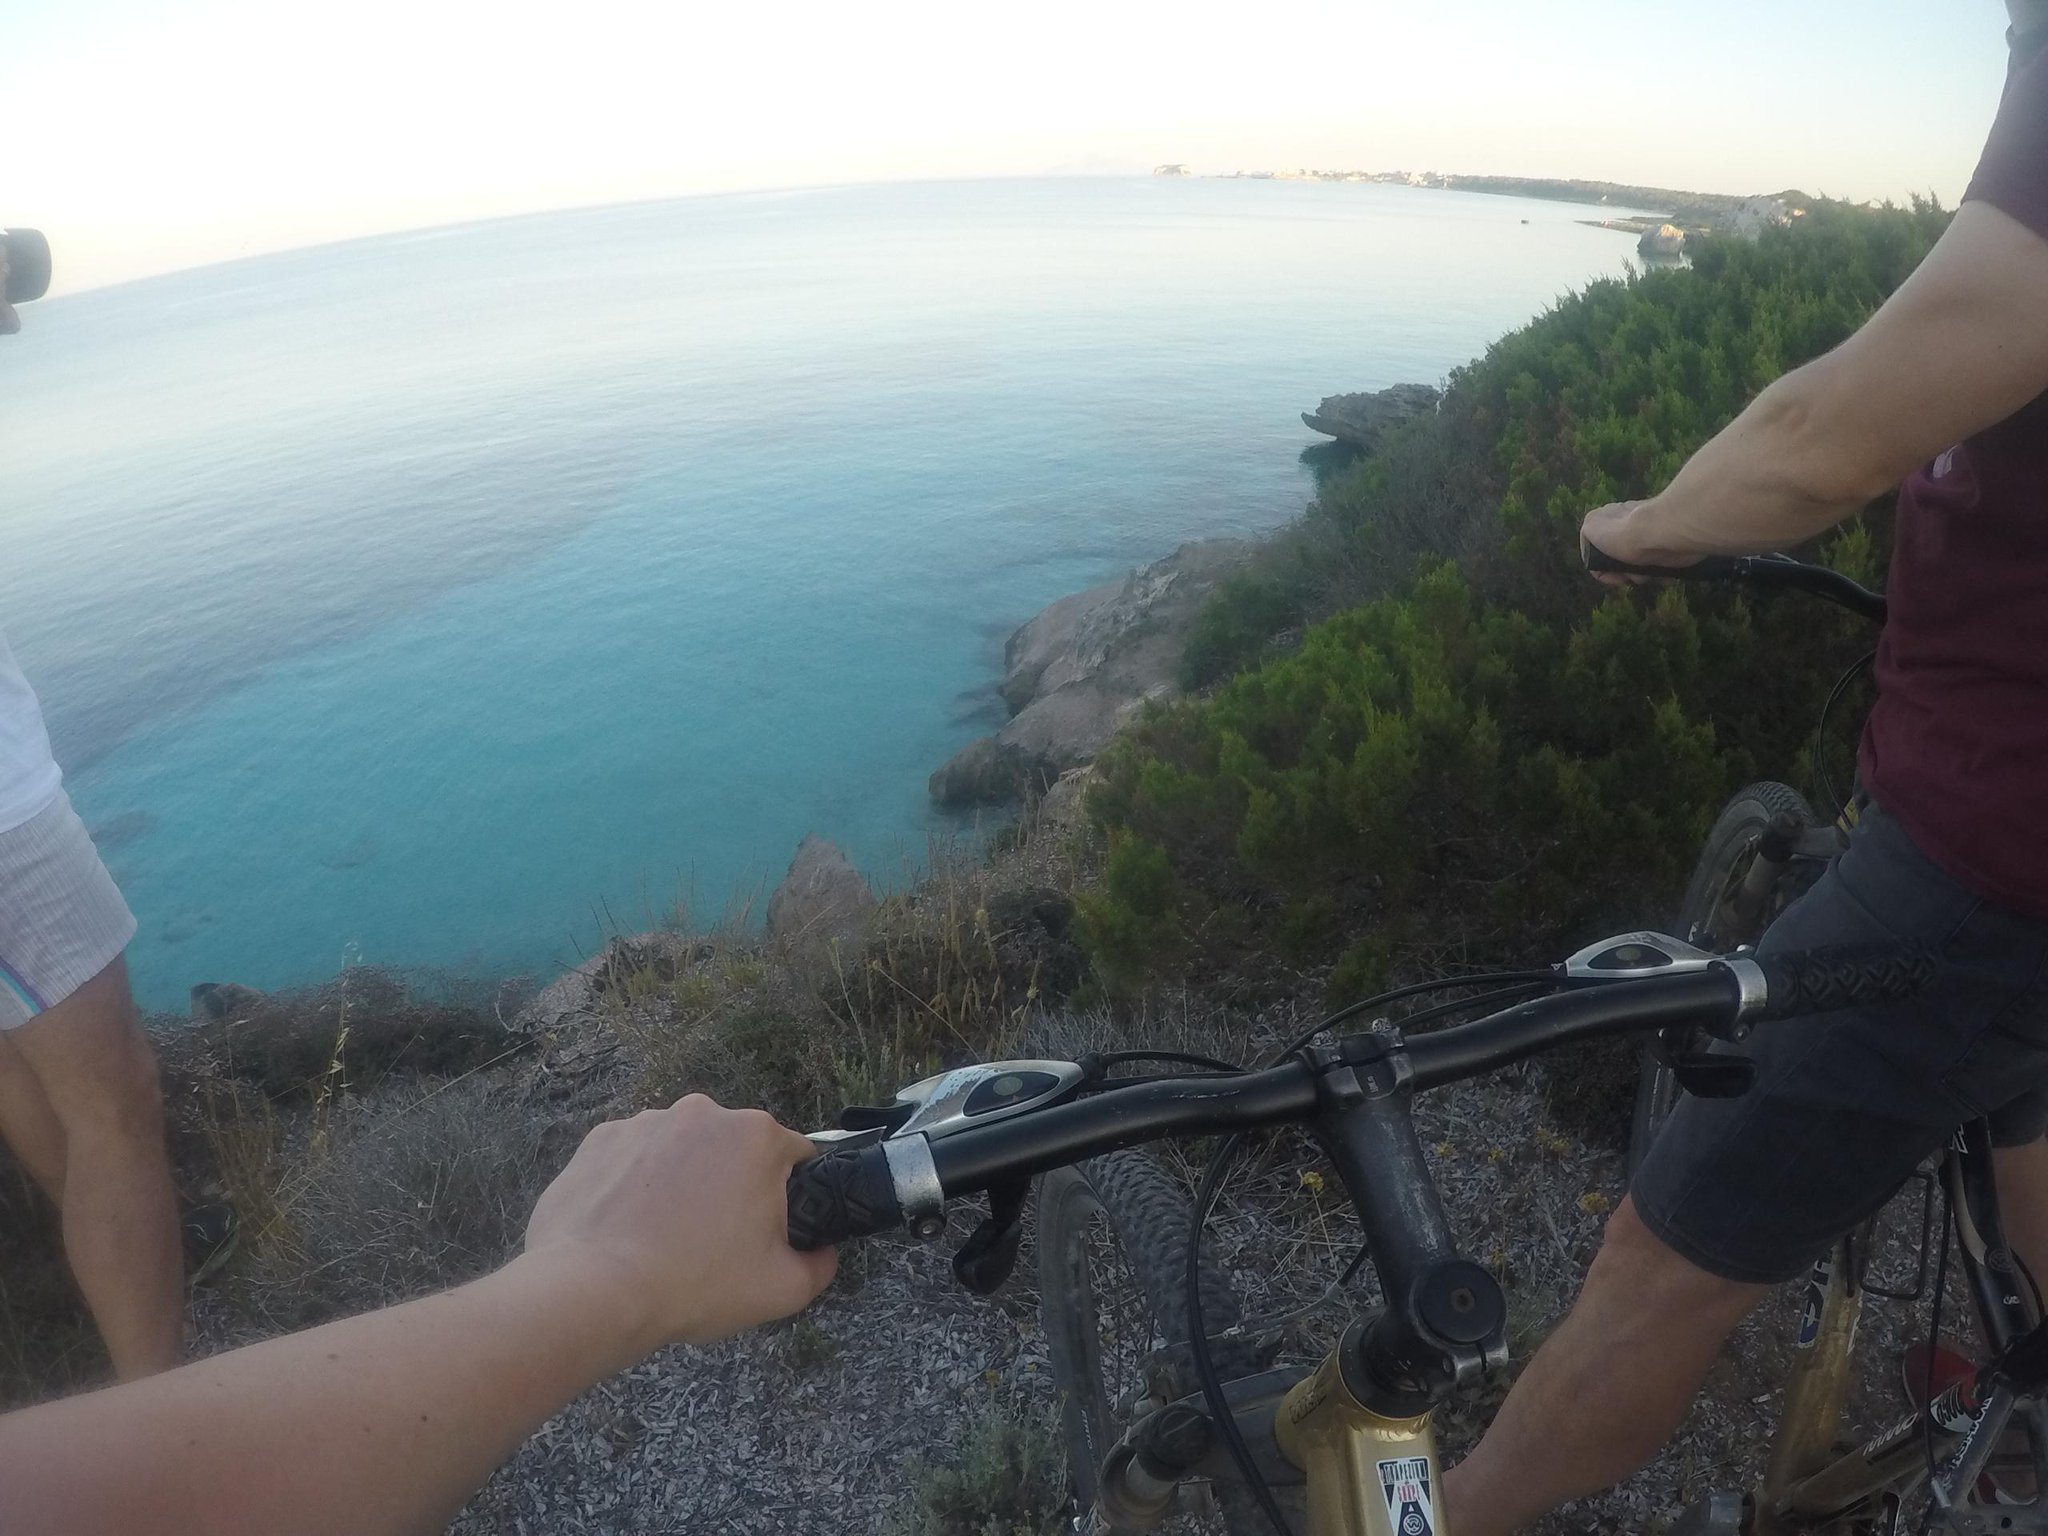 Esplorare un'isola in bici non è mai stato più semplice… #Pianosa, di nome e di fatto! #isoletoscane @world_doris http://t.co/6jPiaTriUC